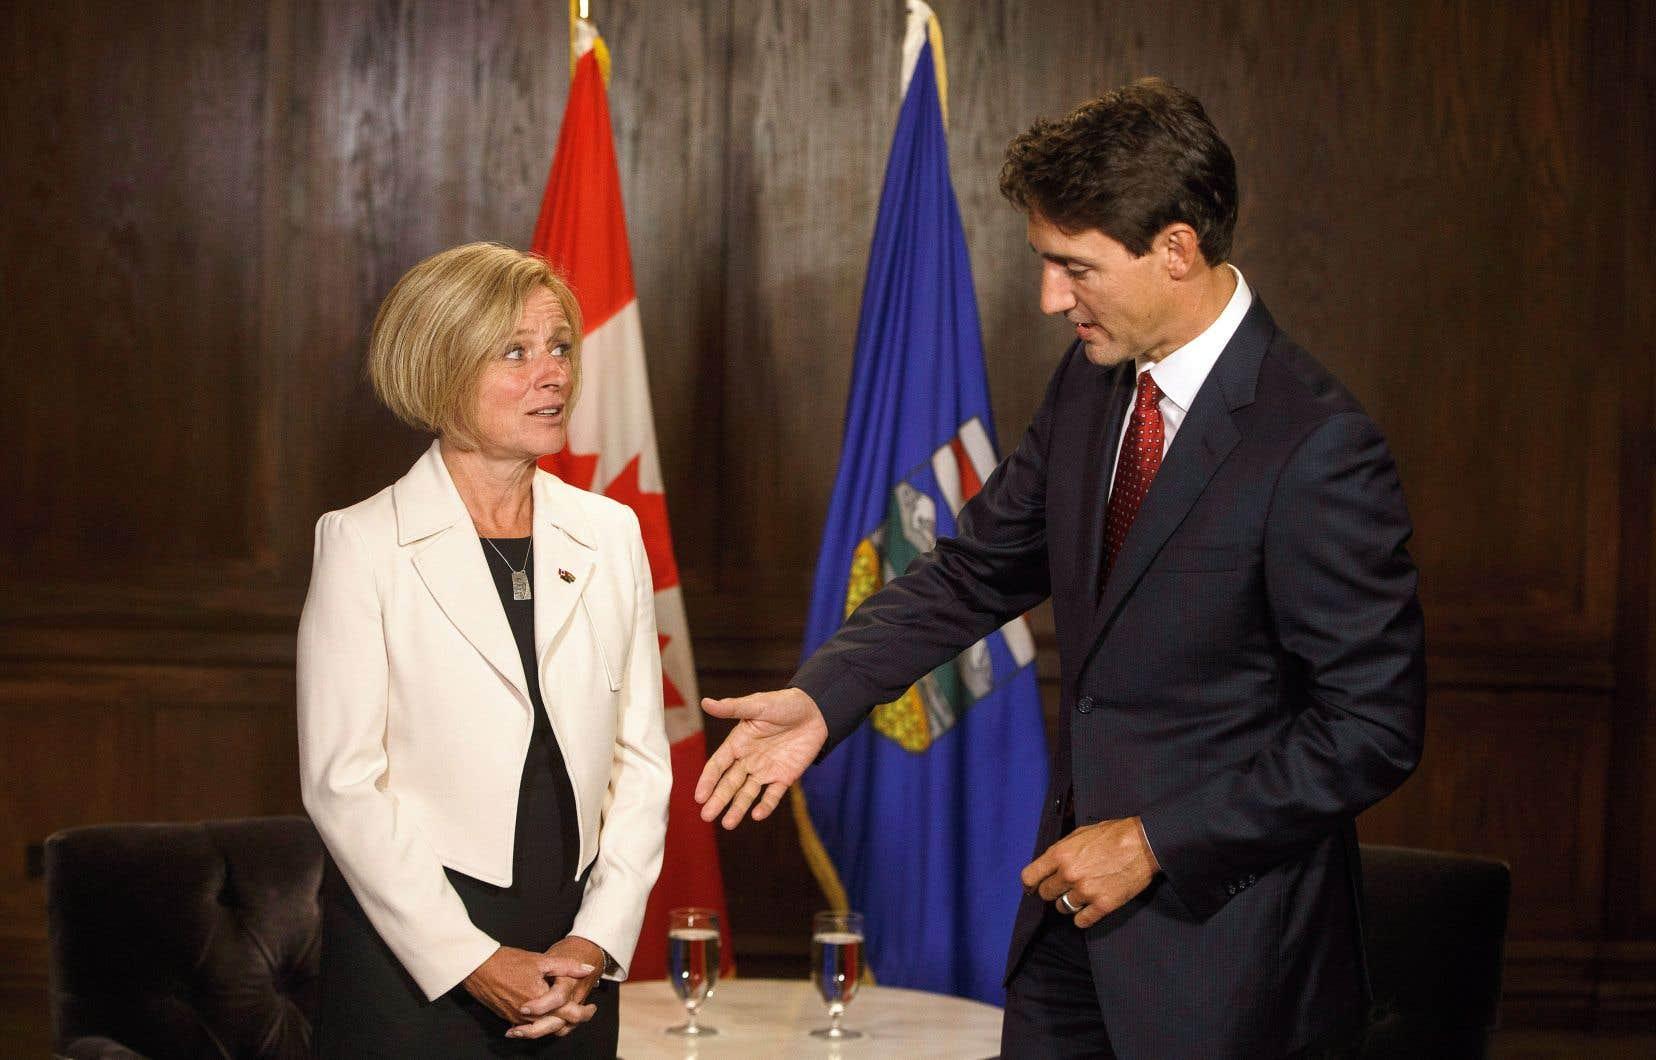 Le premier ministre Justin Trudeau a rencontré mercredi son homologue provinciale de l'Alberta, Rachel Notley, qui avait manifesté son grand déplaisir lorsque la Cour d'appel fédérale a fait connaître sa décision sur l'expansion du pipeline Trans Mountain.